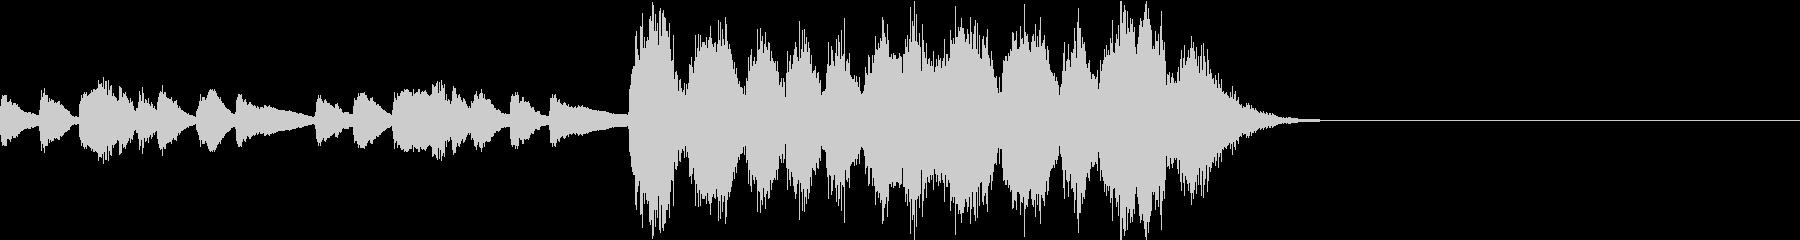 ピアノとオーケストラによる迫力のジングルの未再生の波形